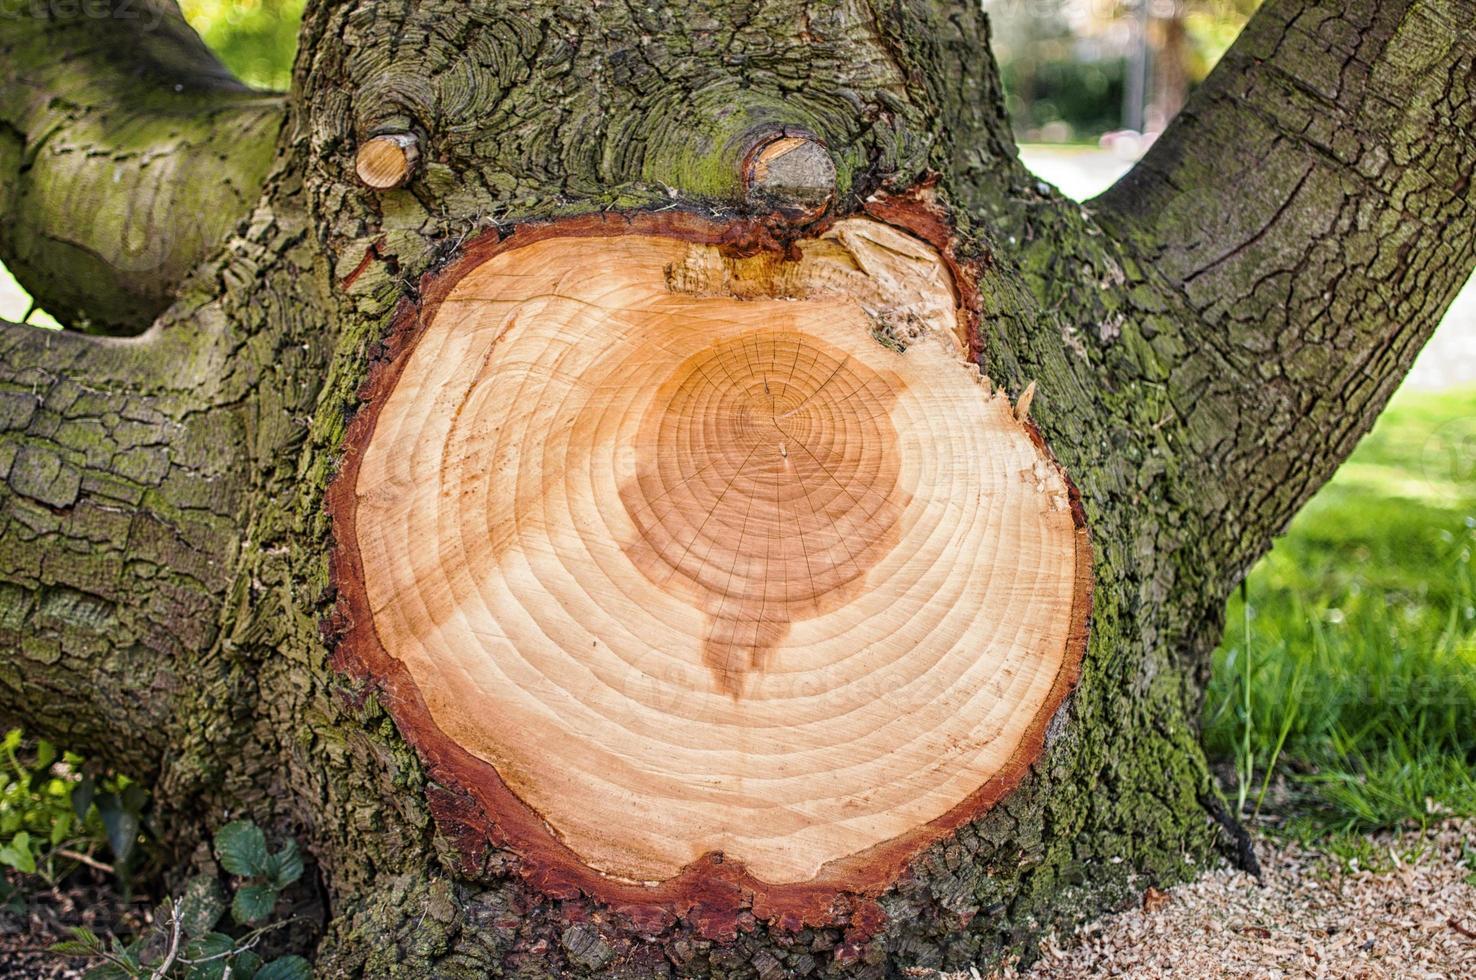 großer Ast von einem Baum geschnitten, der konzentrische Ringe zeigt foto